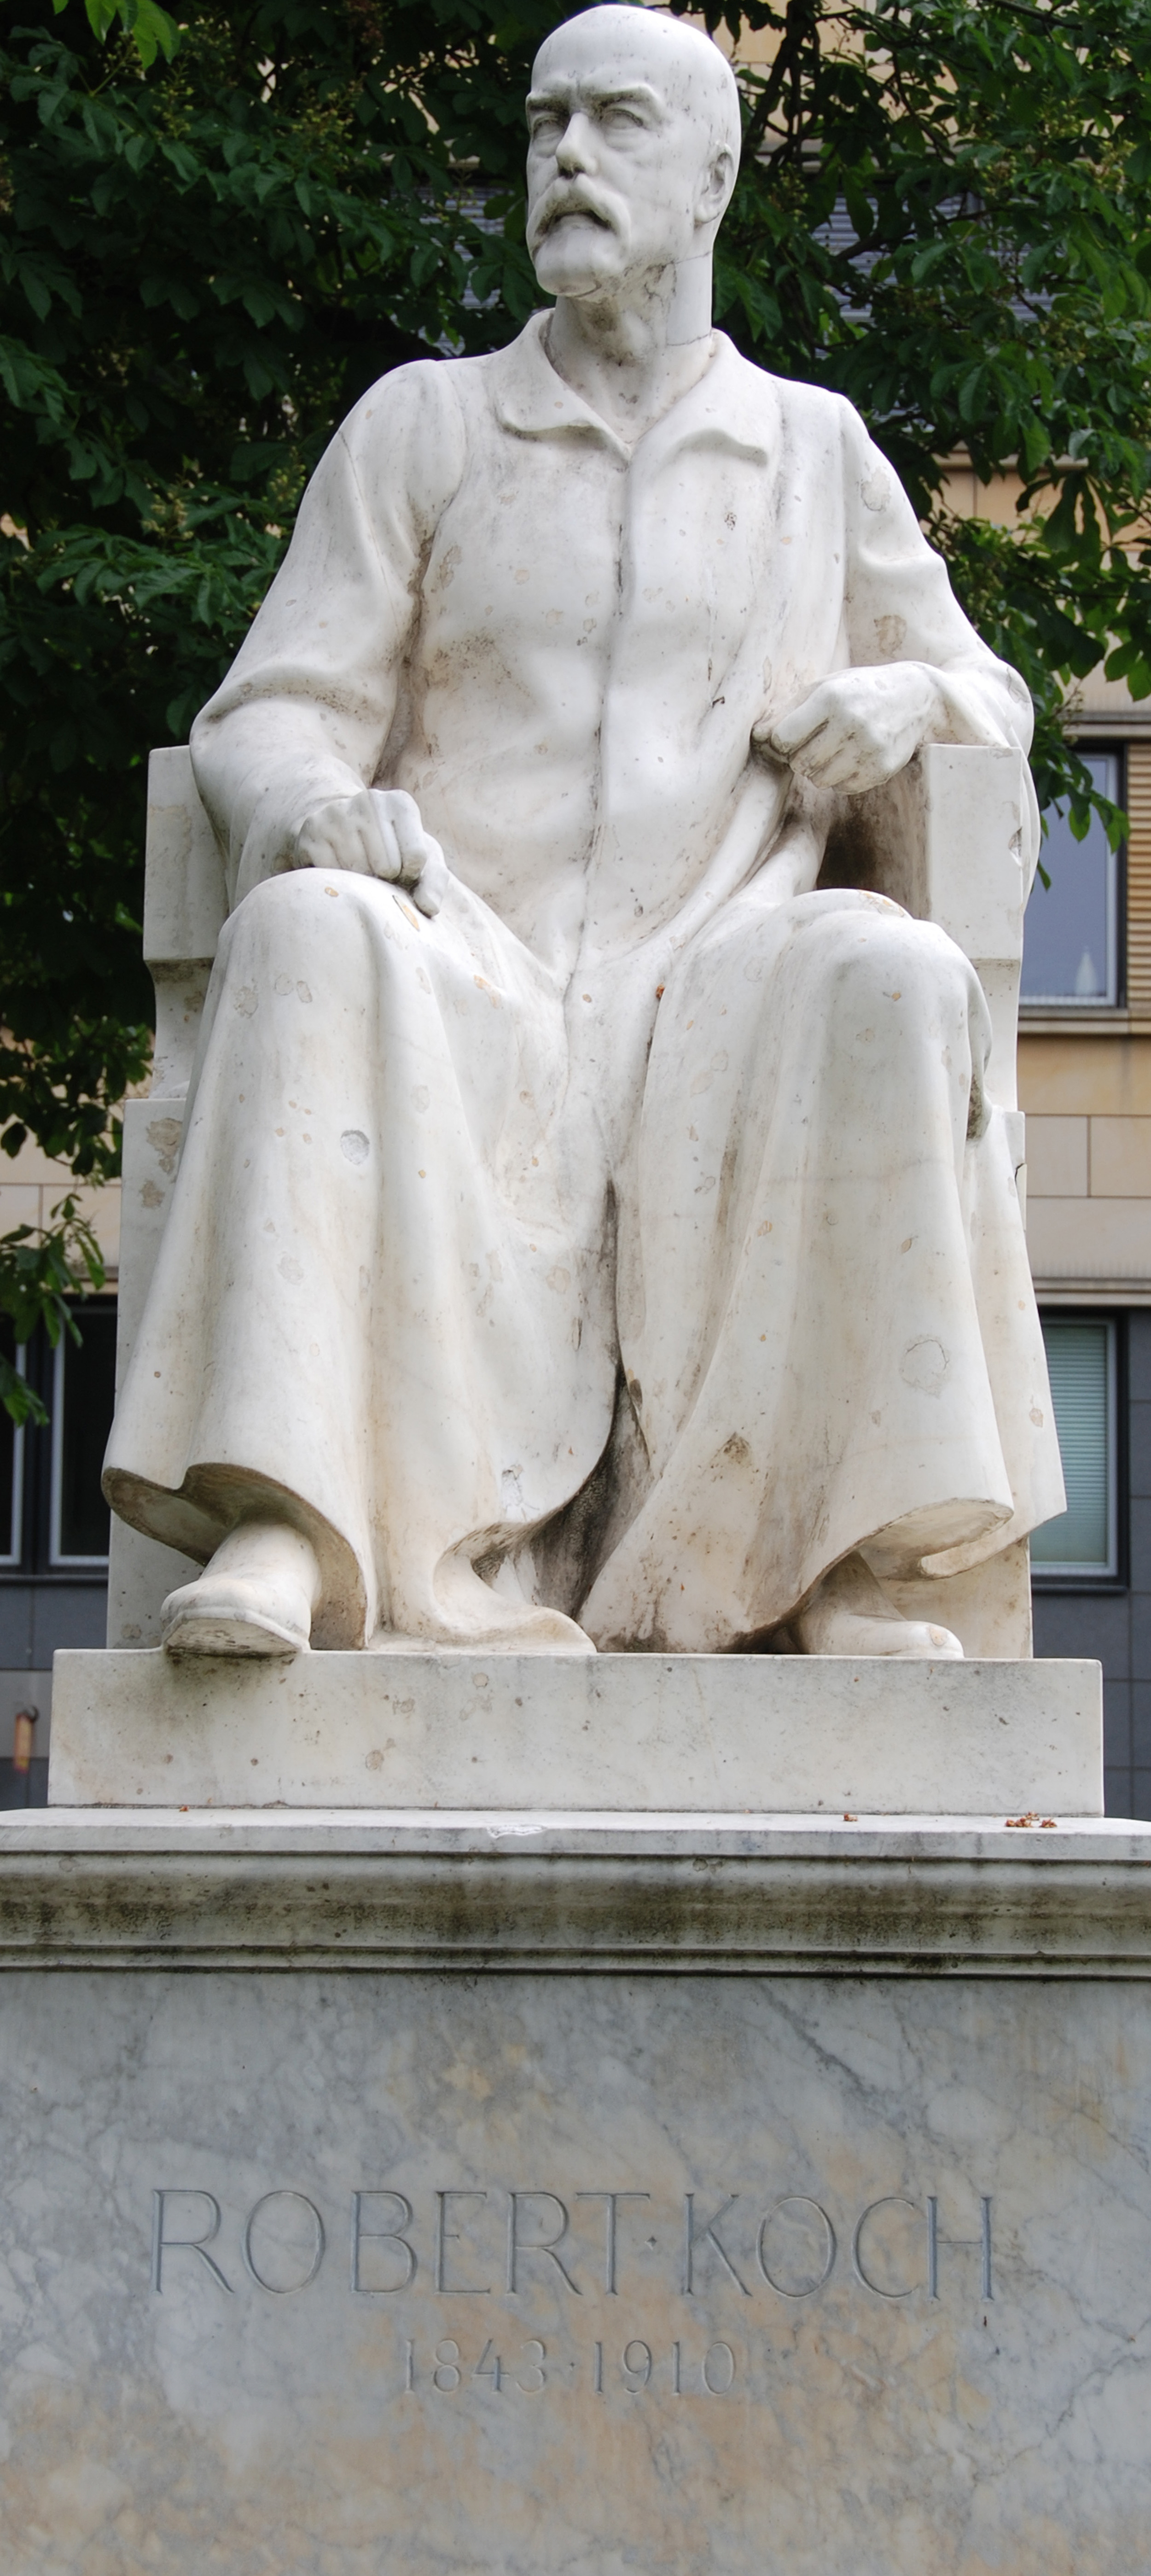 Robert Kochs största upptäckt var påvisandet av orsaken till tuberkulos.